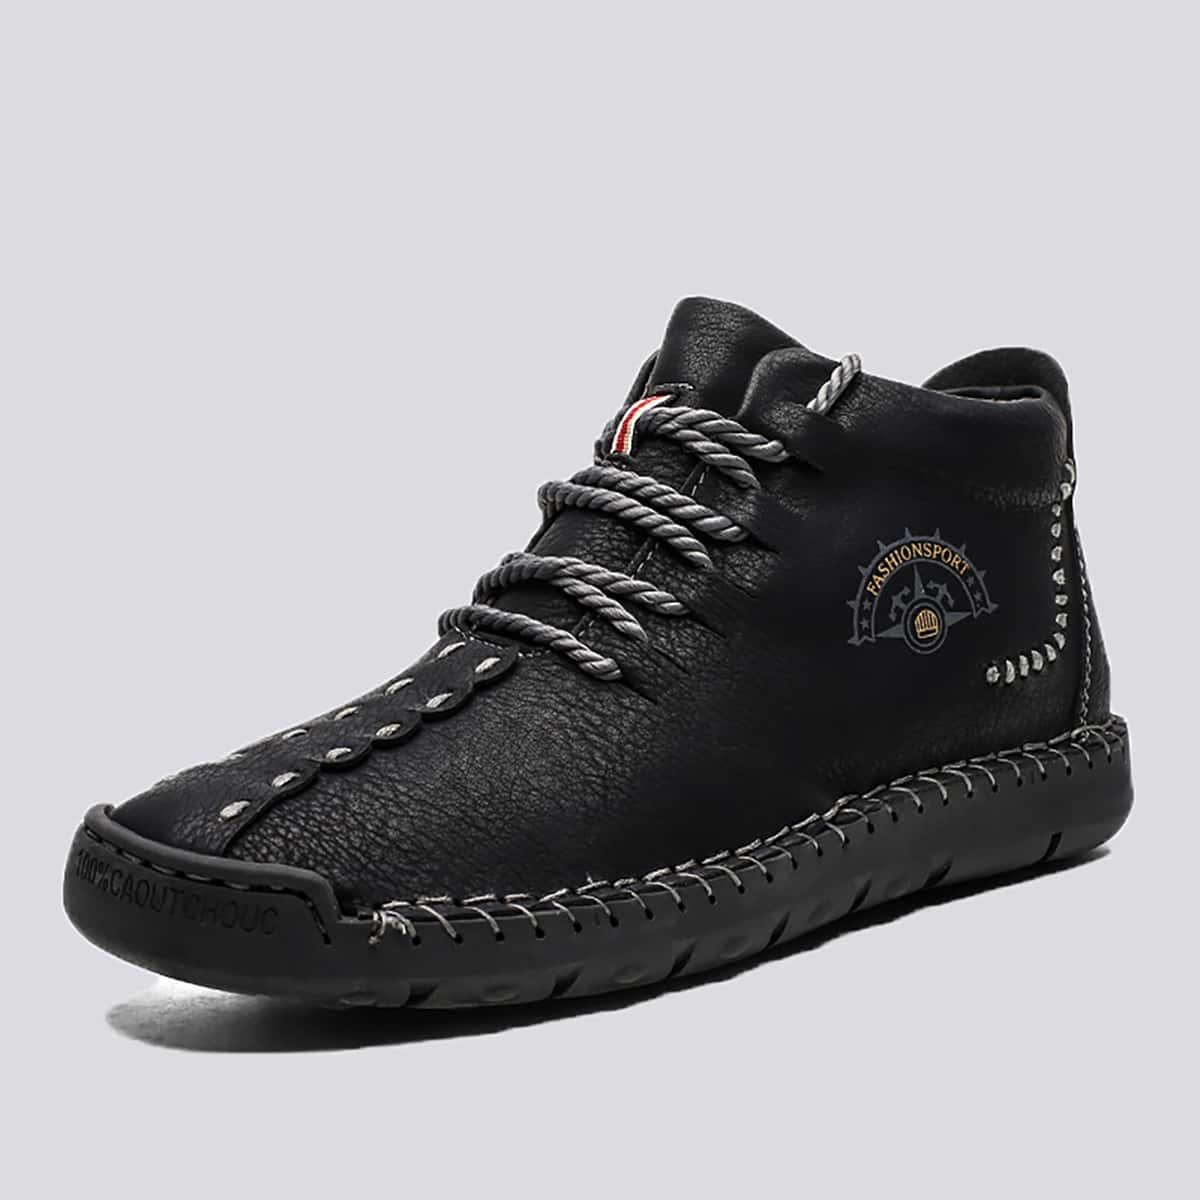 Мужские ботинки на шнурках с текстовым принтом